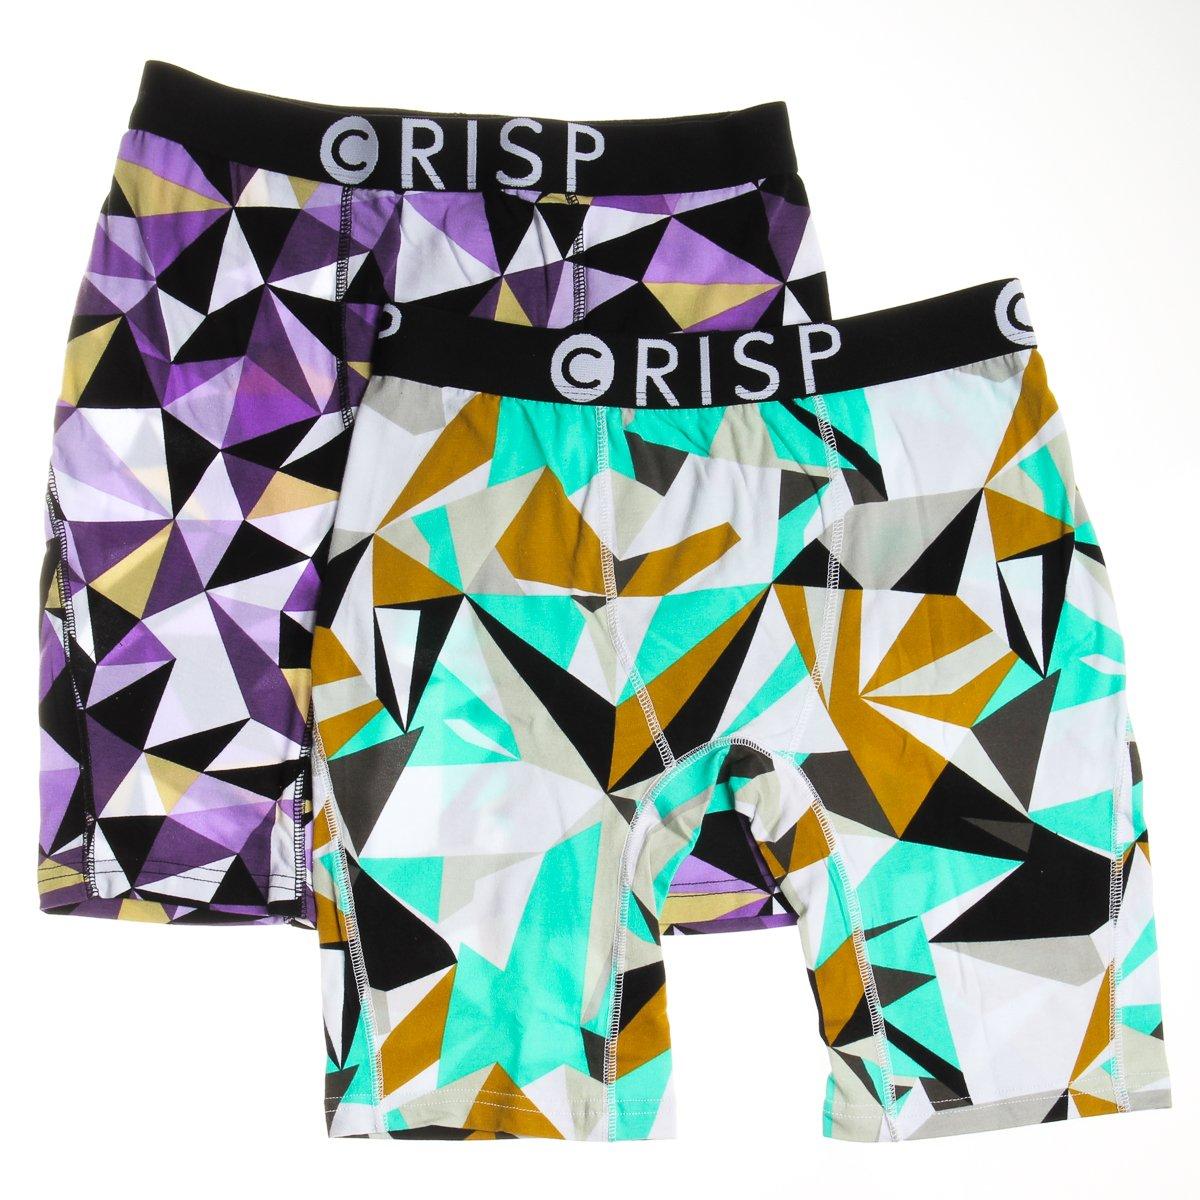 Crisp 2pk Men/'s Authentic Printed XS Boxer Briefs Cotton Breathable Long Athletic